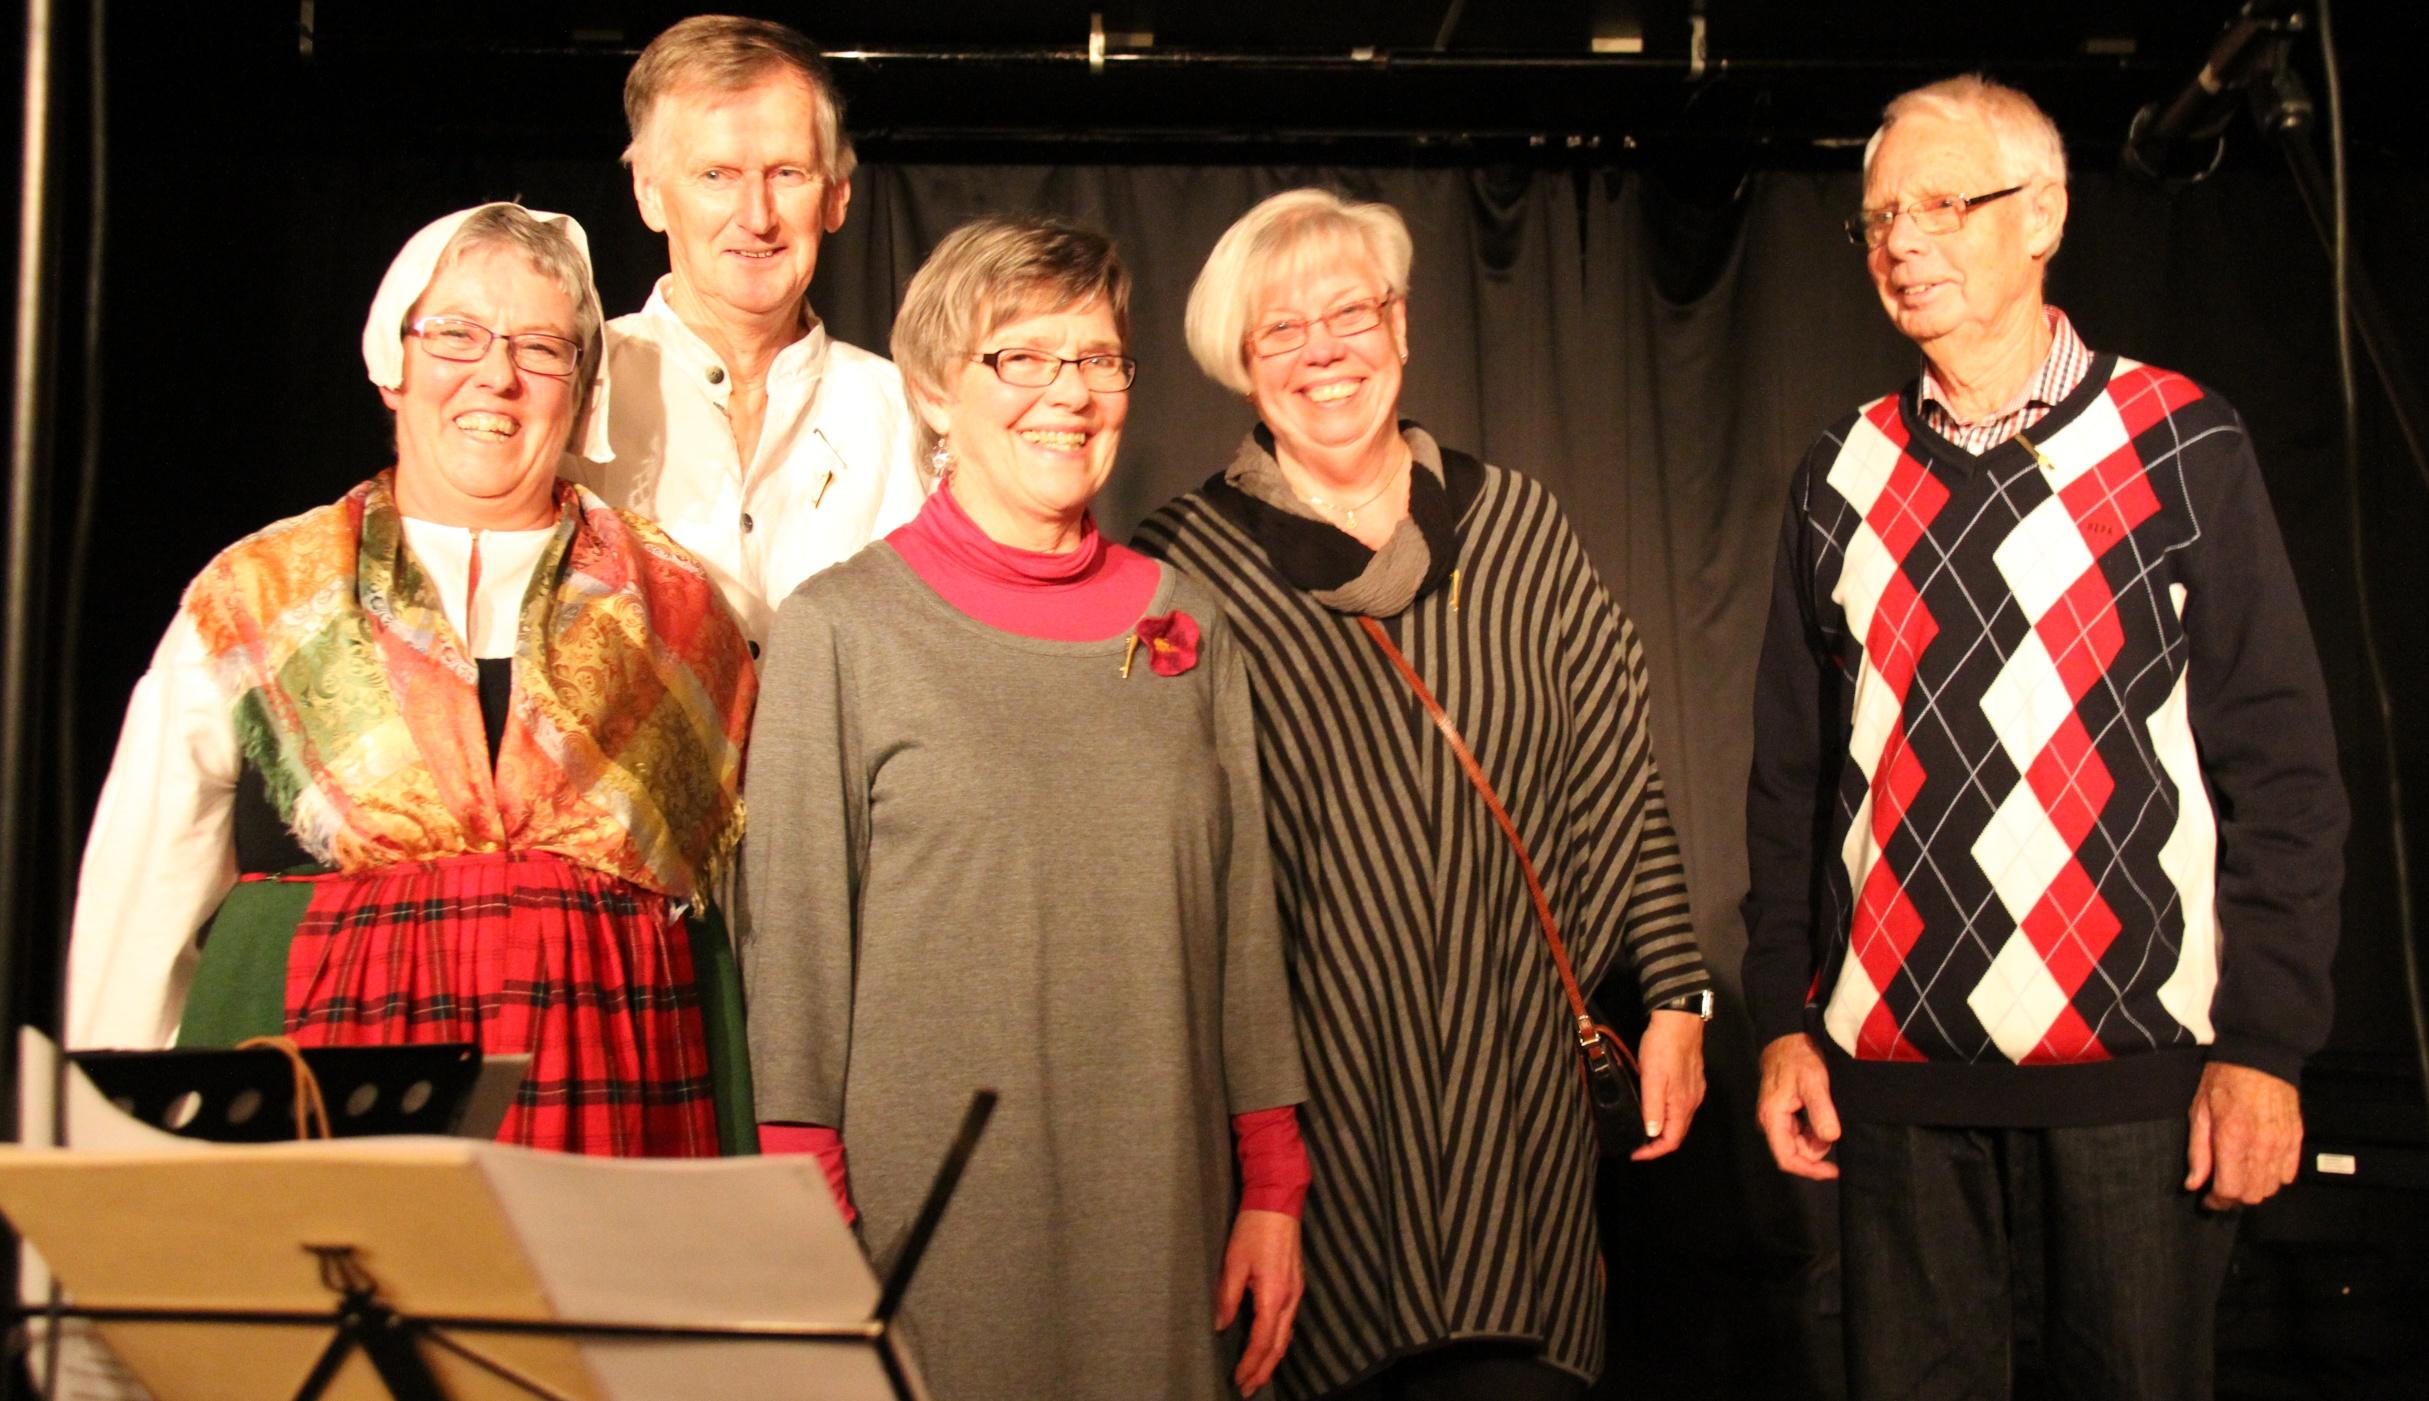 Hembygdsgillets utmärkelse Guldluren gick till Birgitta Nyström, Bengt Carlson, Gunilla Nilsson, Anitha Stenstrand och Bengt Andersson